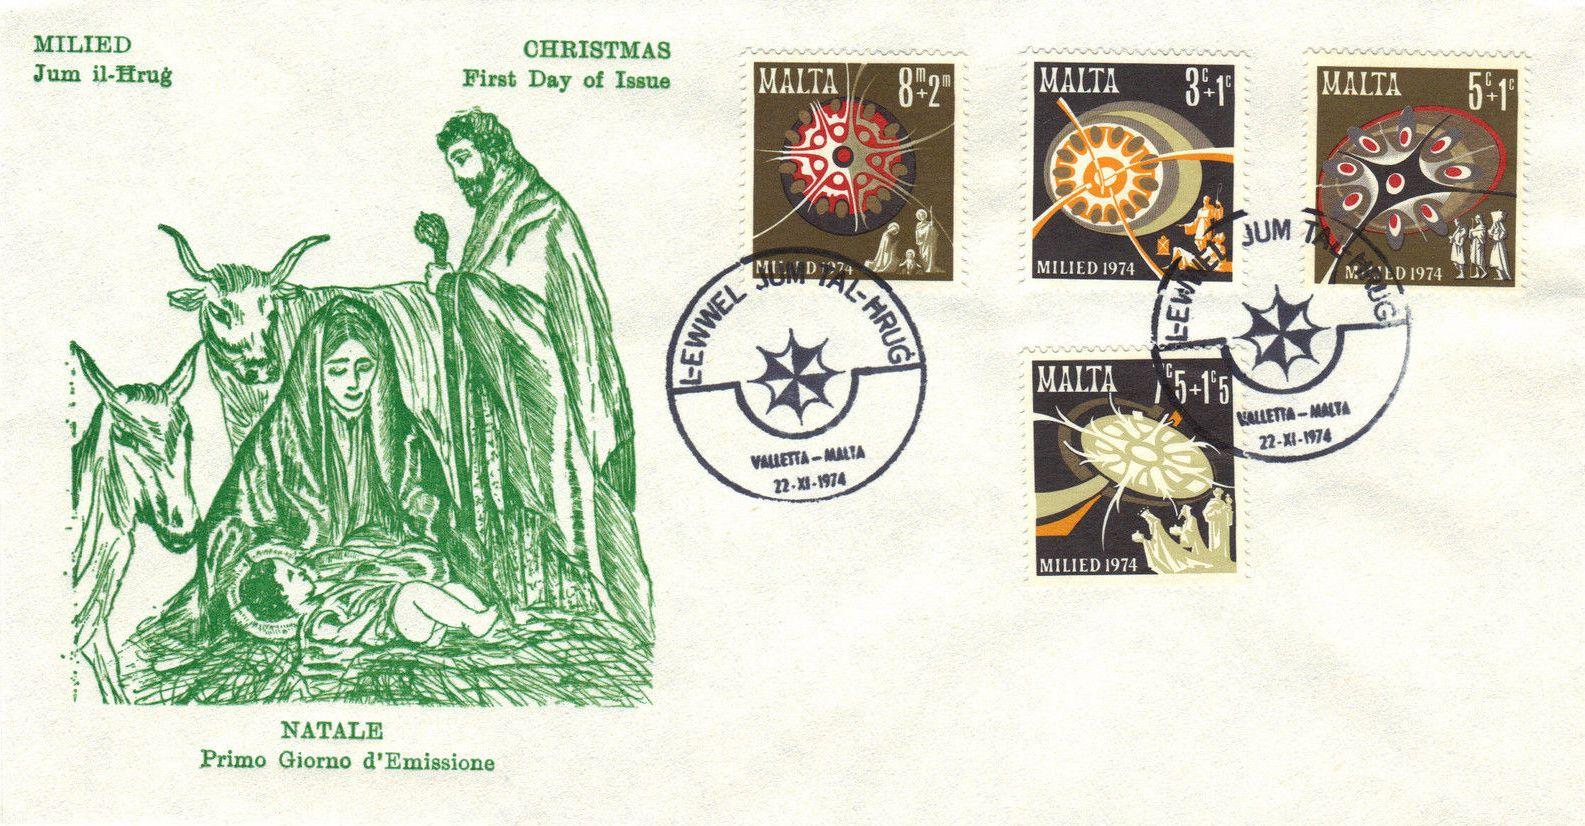 Malta 1974 Christmas